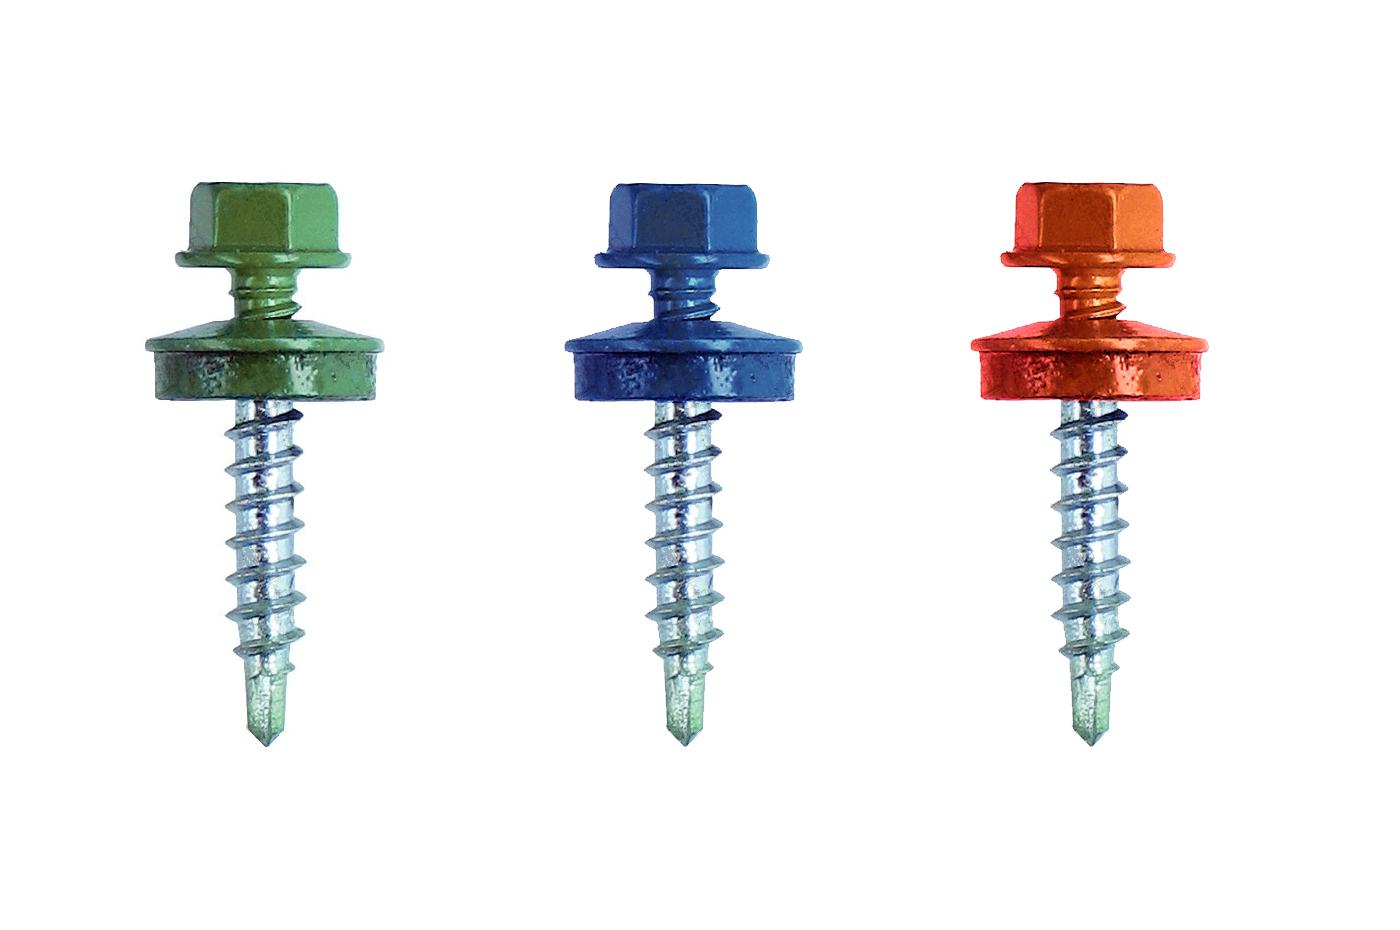 Саморезы для кровли 4.8x70 (5002) ультрамарин синий